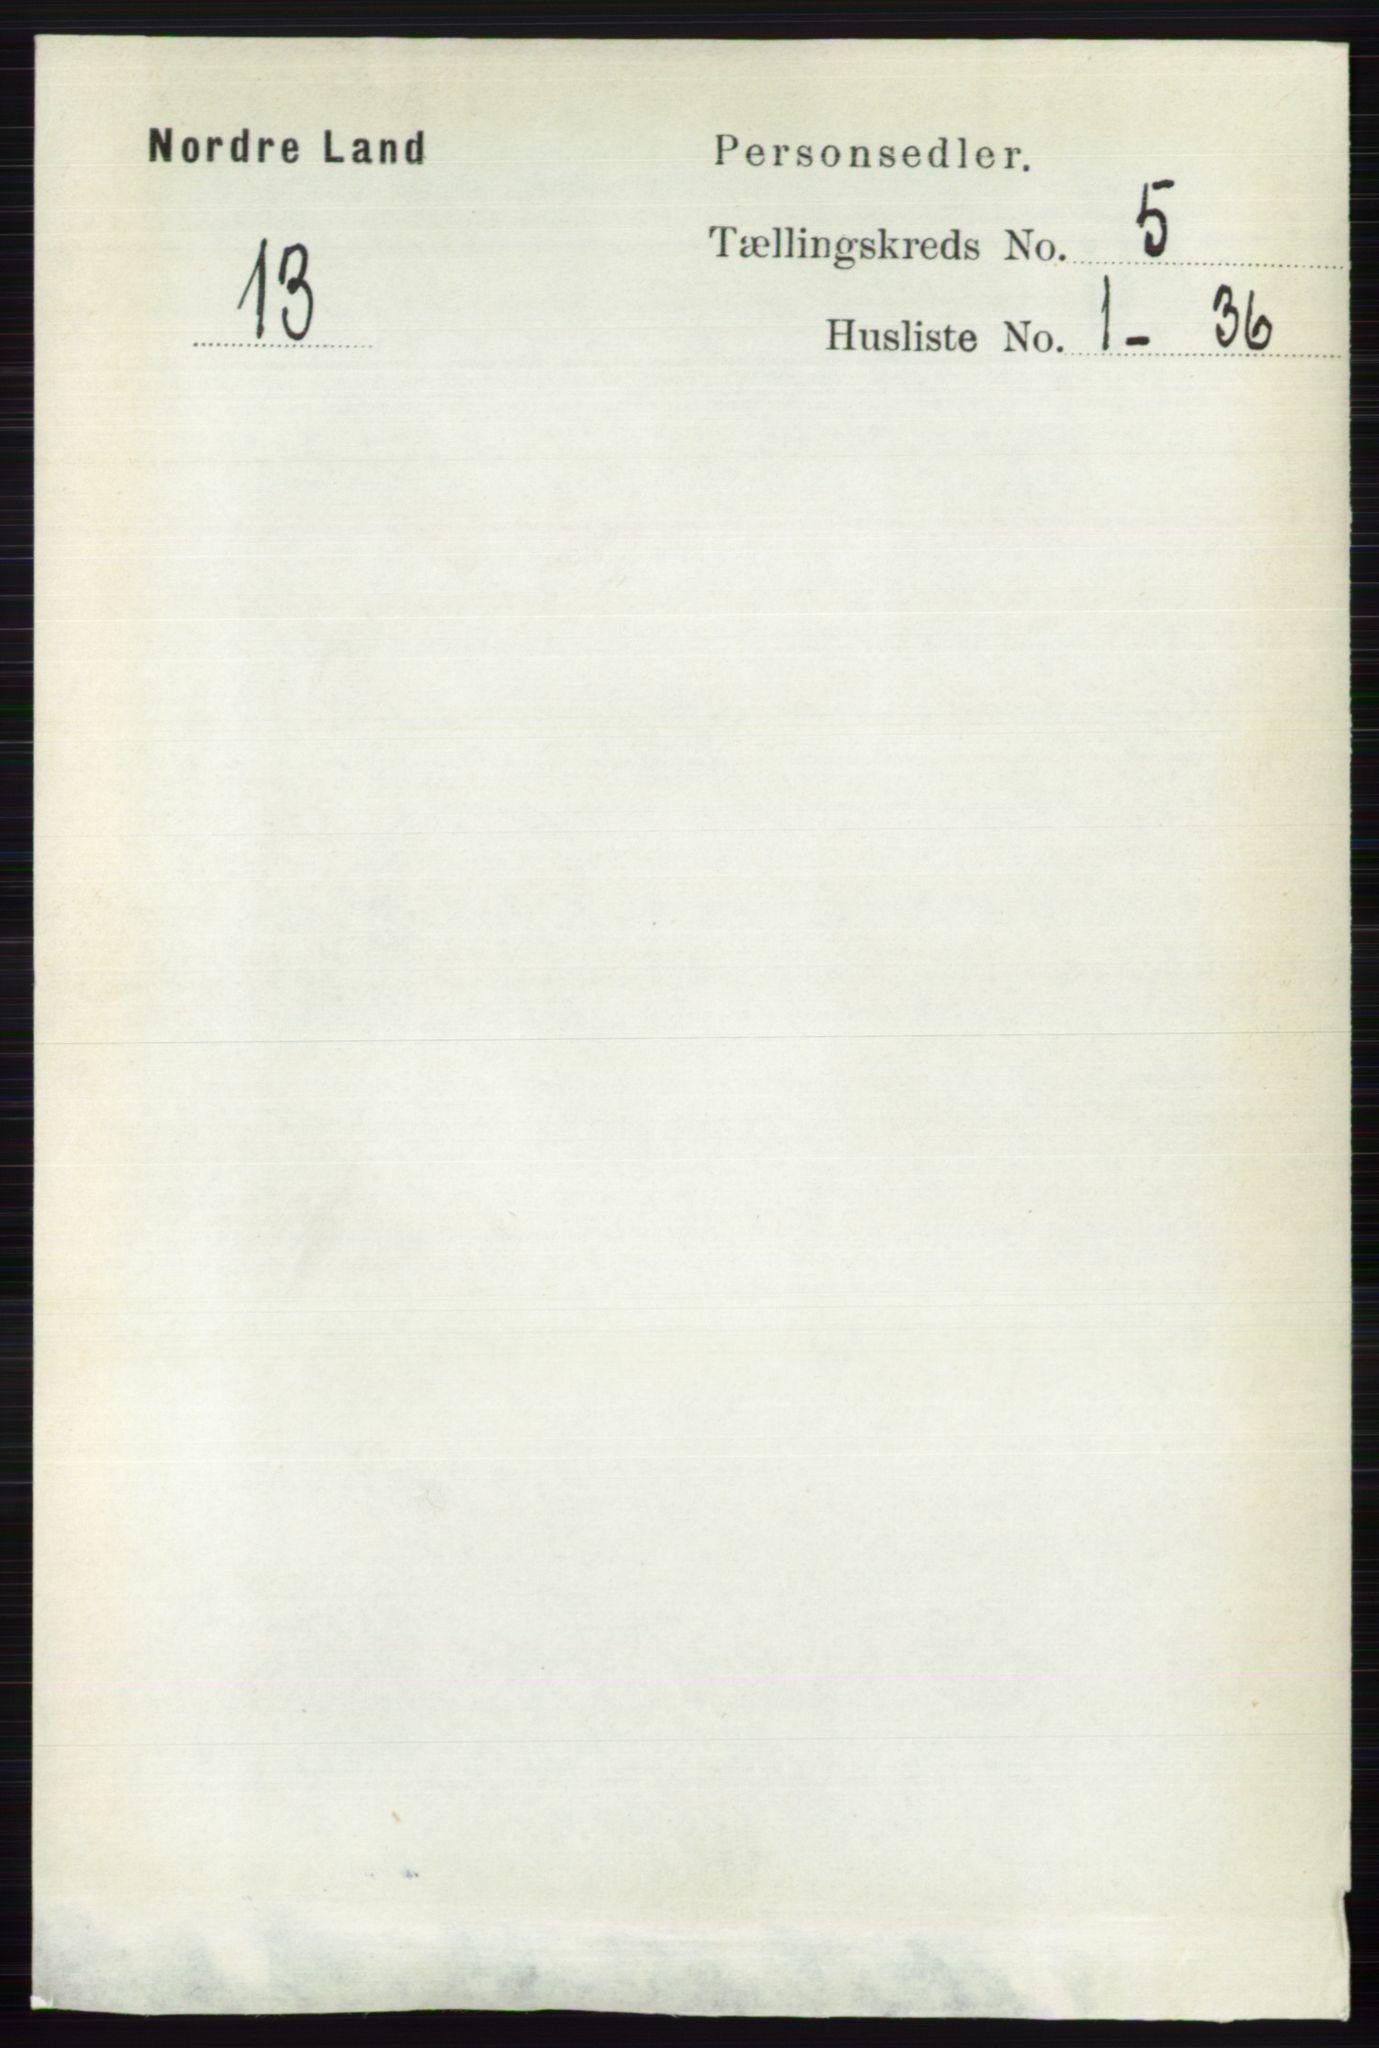 RA, Folketelling 1891 for 0538 Nordre Land herred, 1891, s. 1551